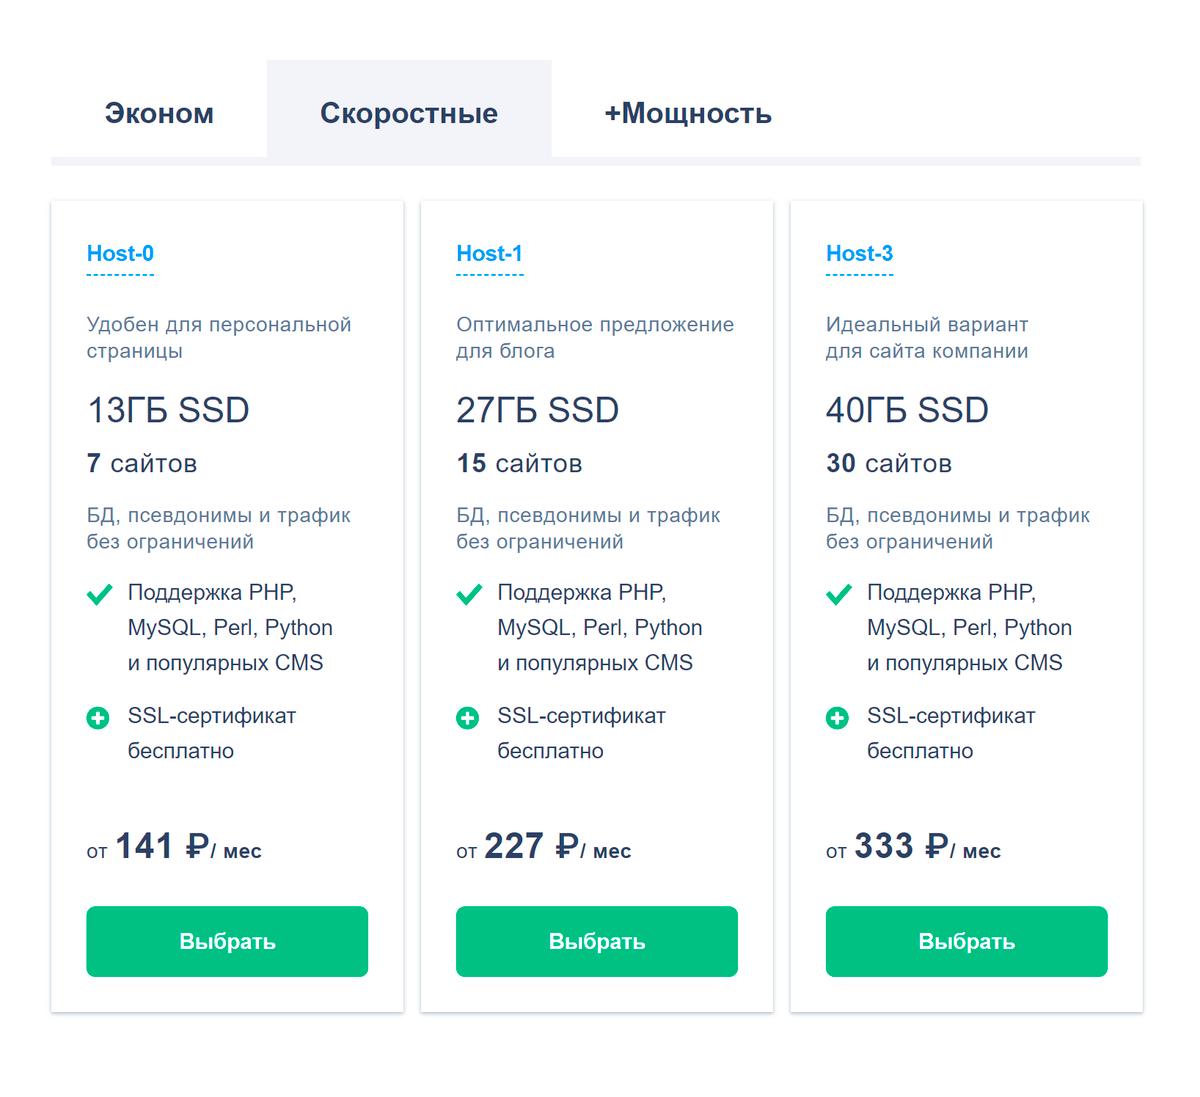 На сайте reg.ru стоимость услуг зависит от размера дискового пространства, количества сайтов, которое можно разместить на хостинге, поддержки CMS и других параметров. На самом дешевом тарифе CMS не поддерживается, так что онбы мне не подошел